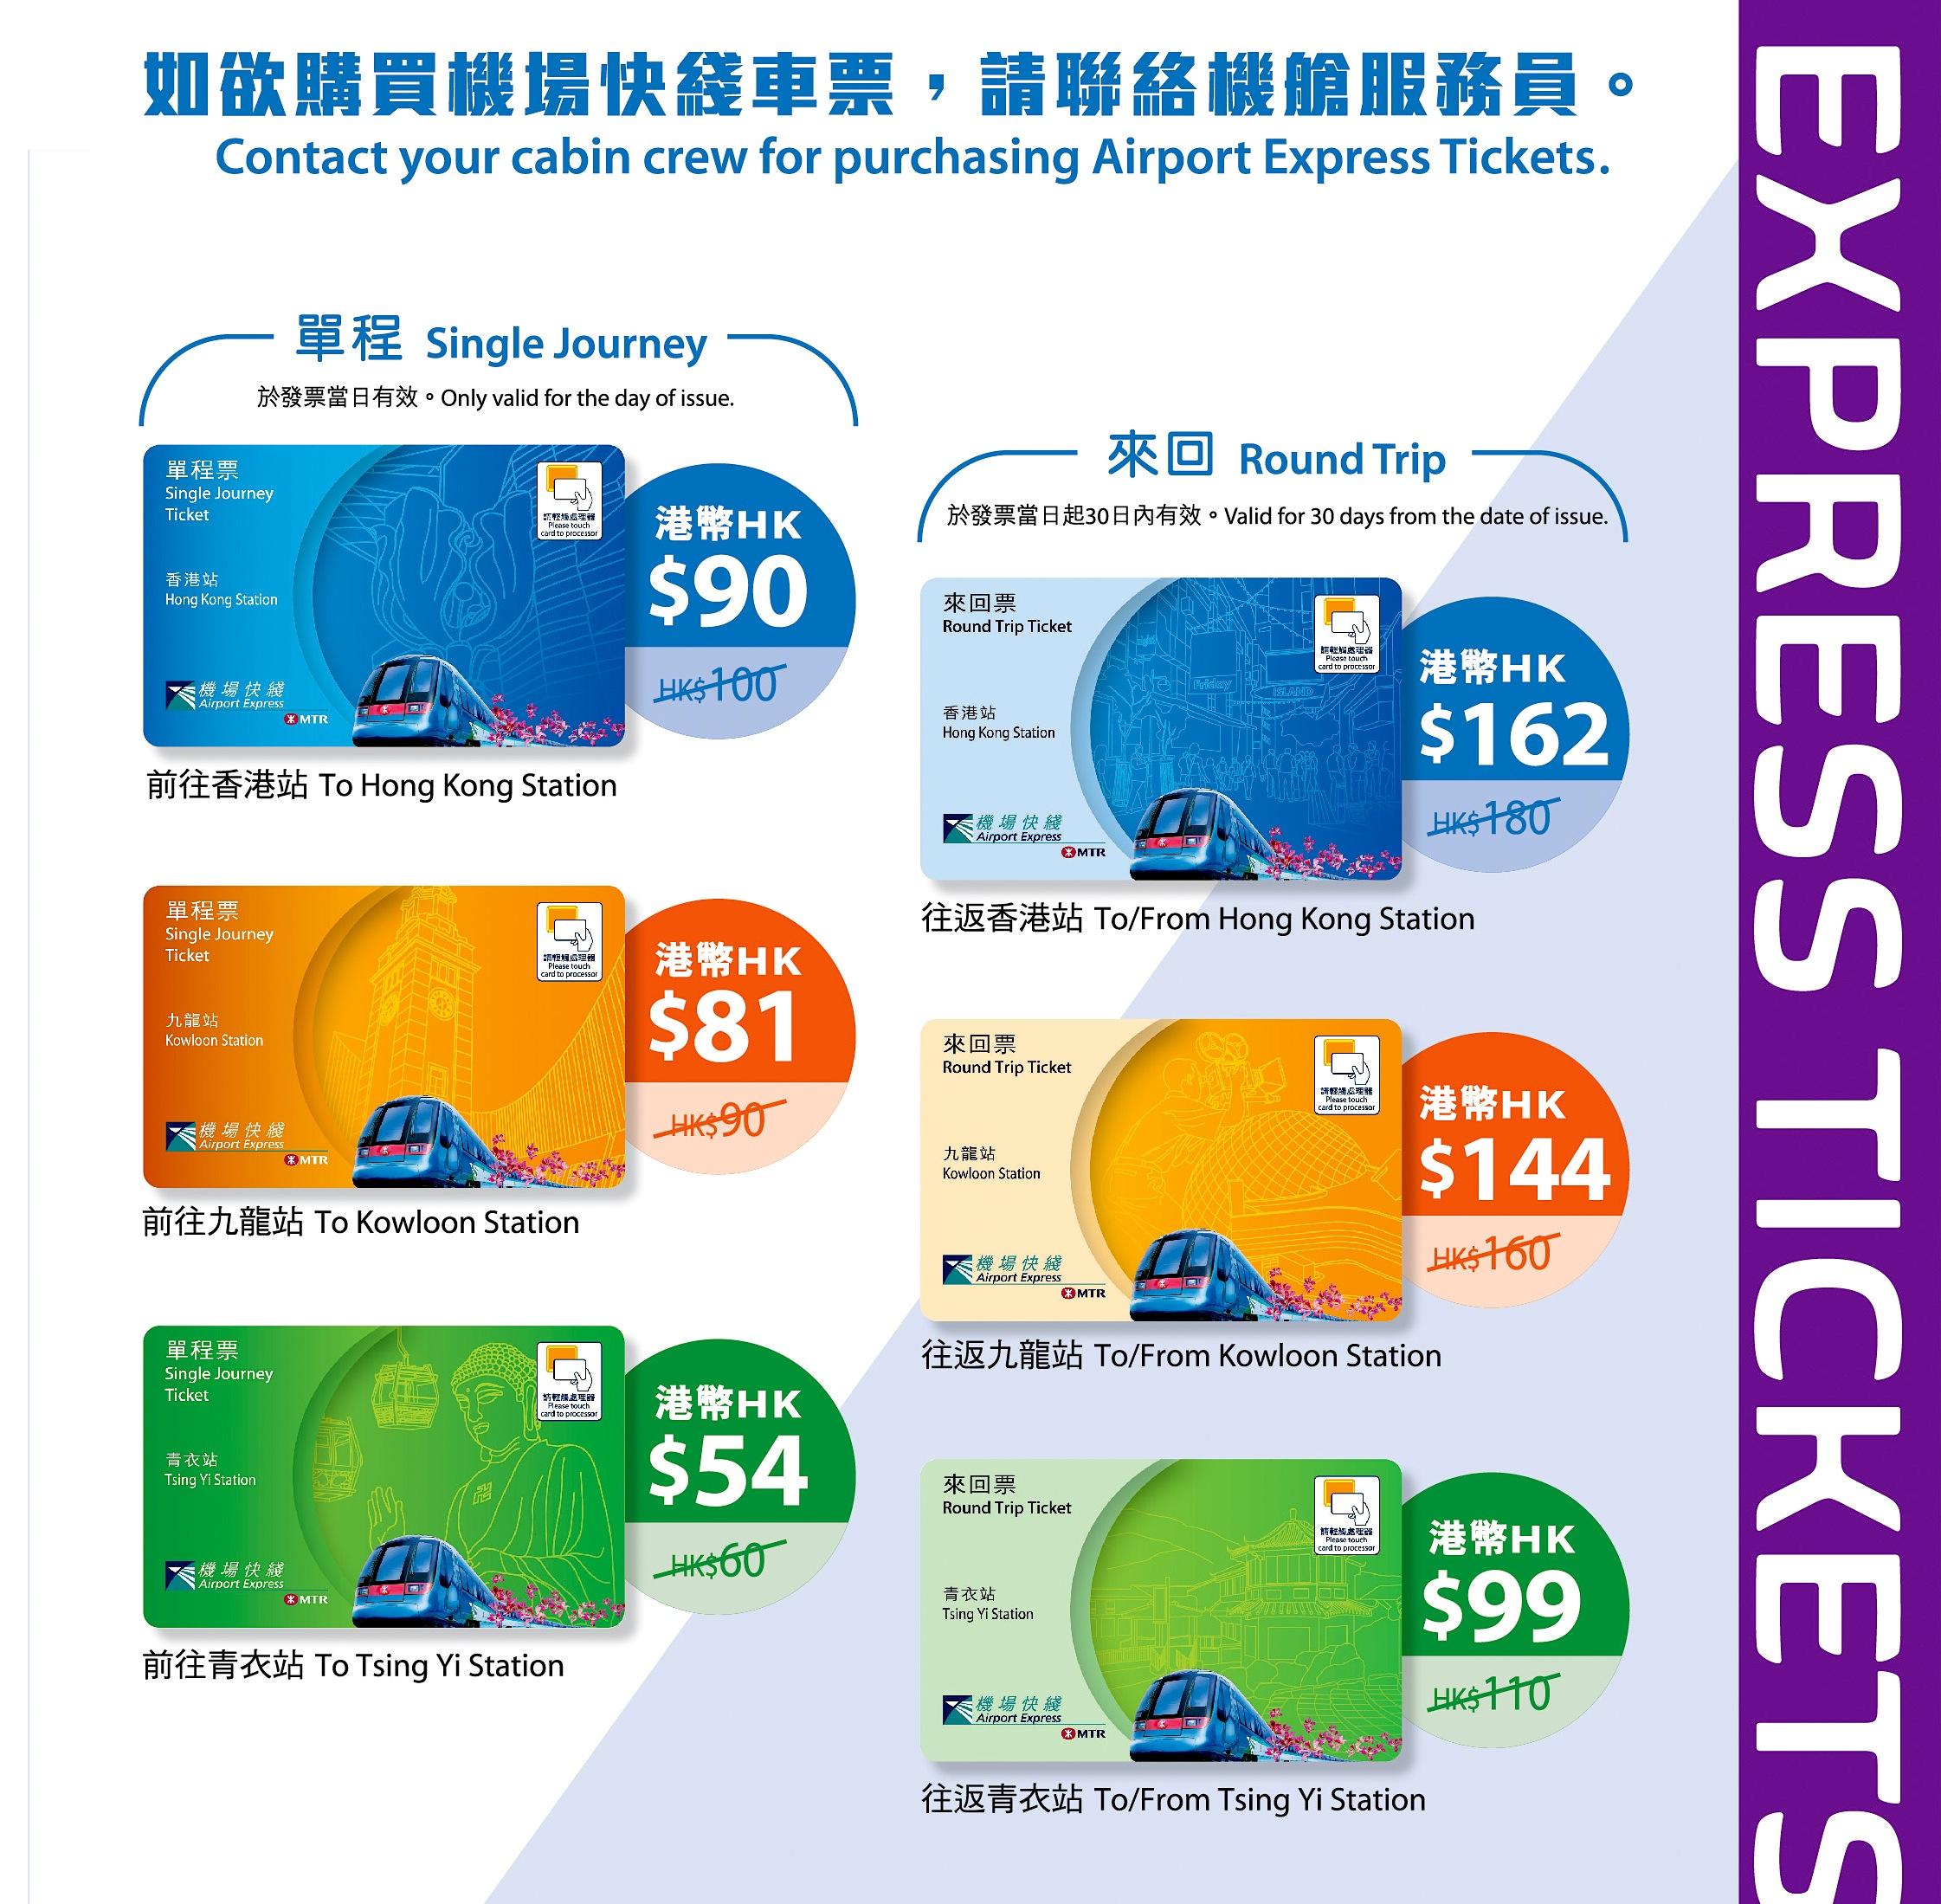 香港空港-移動方法-電車-エアポートエクスプレス-チケット